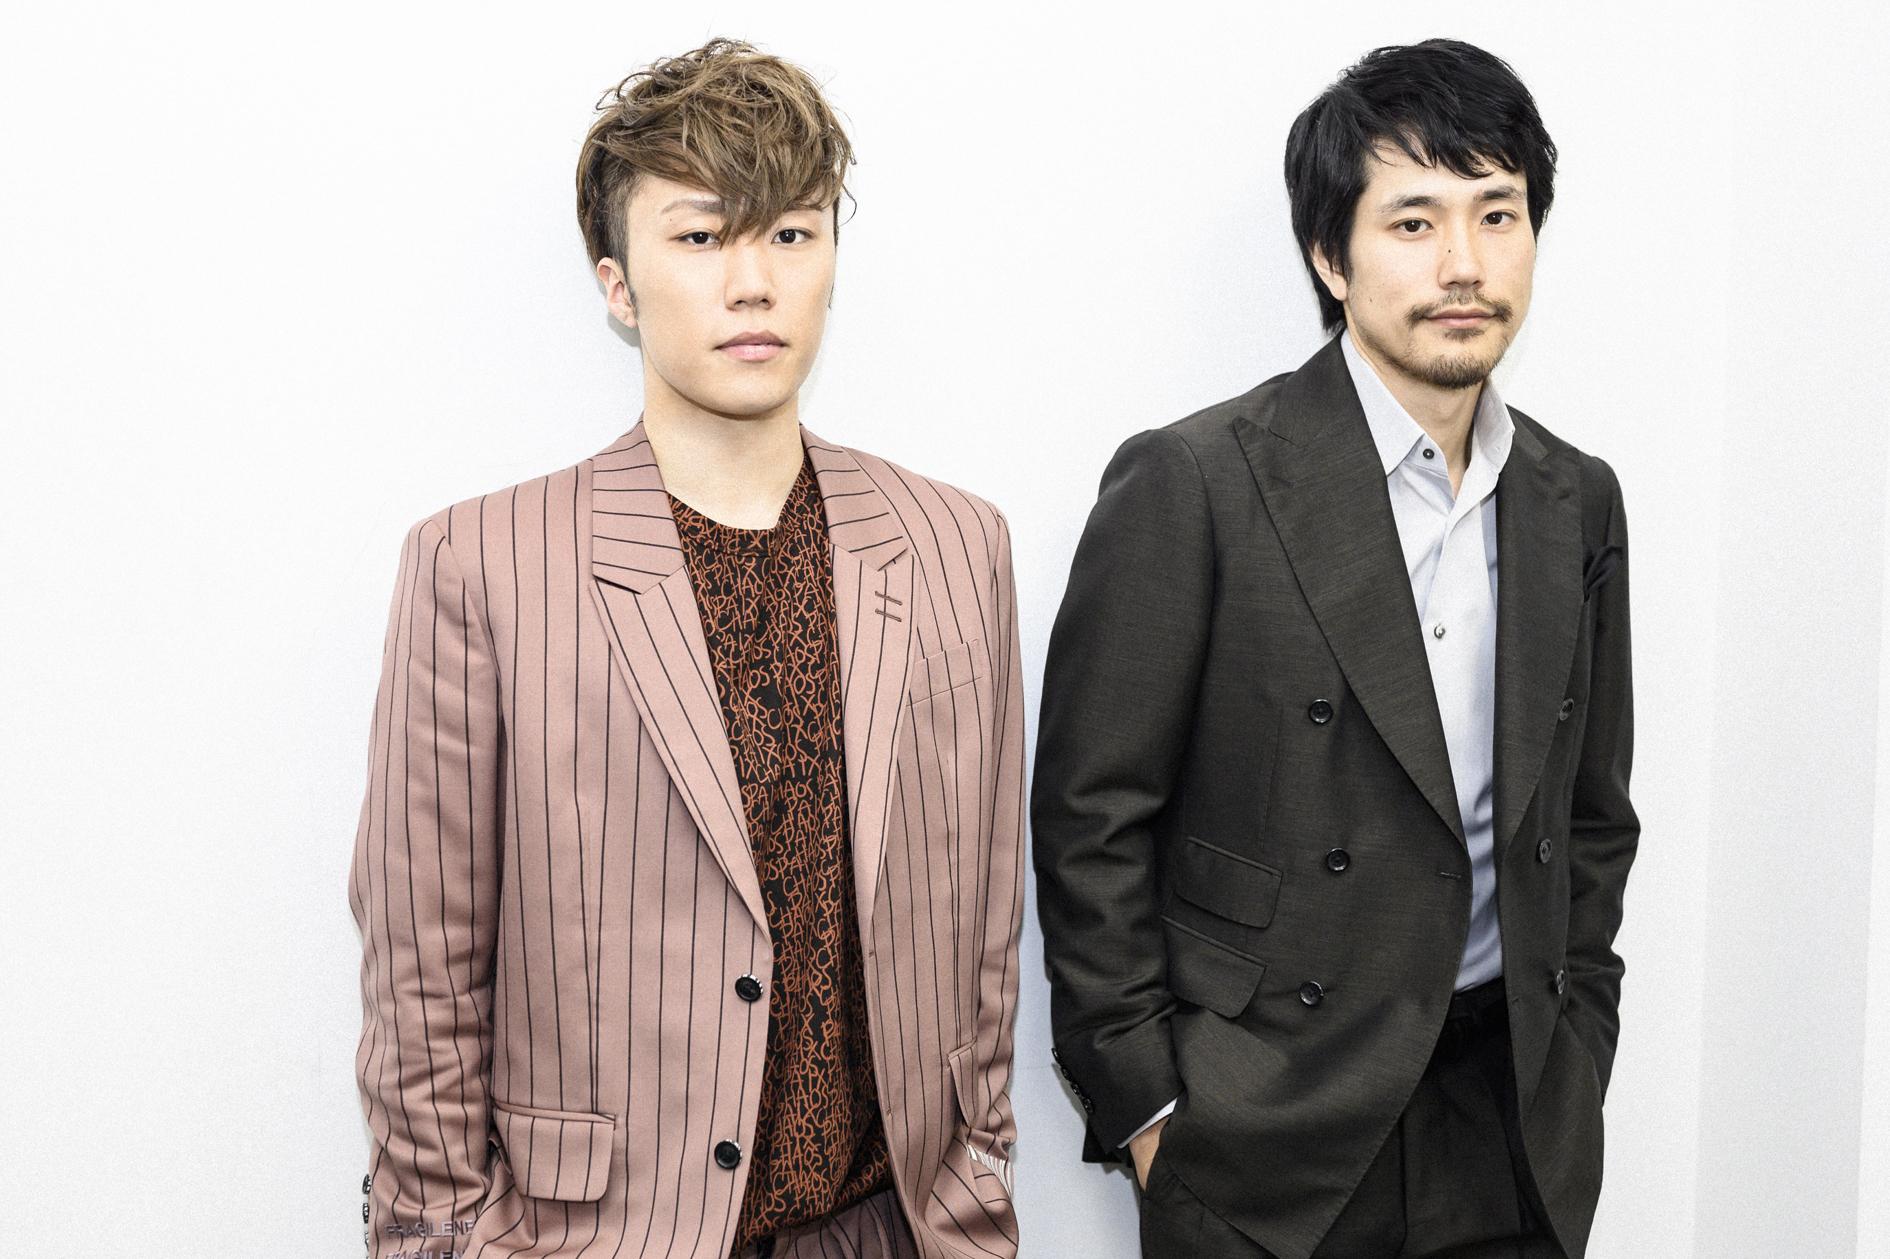 「プロメア」松山ケンイチ×早乙女太一インタビュー , アキバ総研